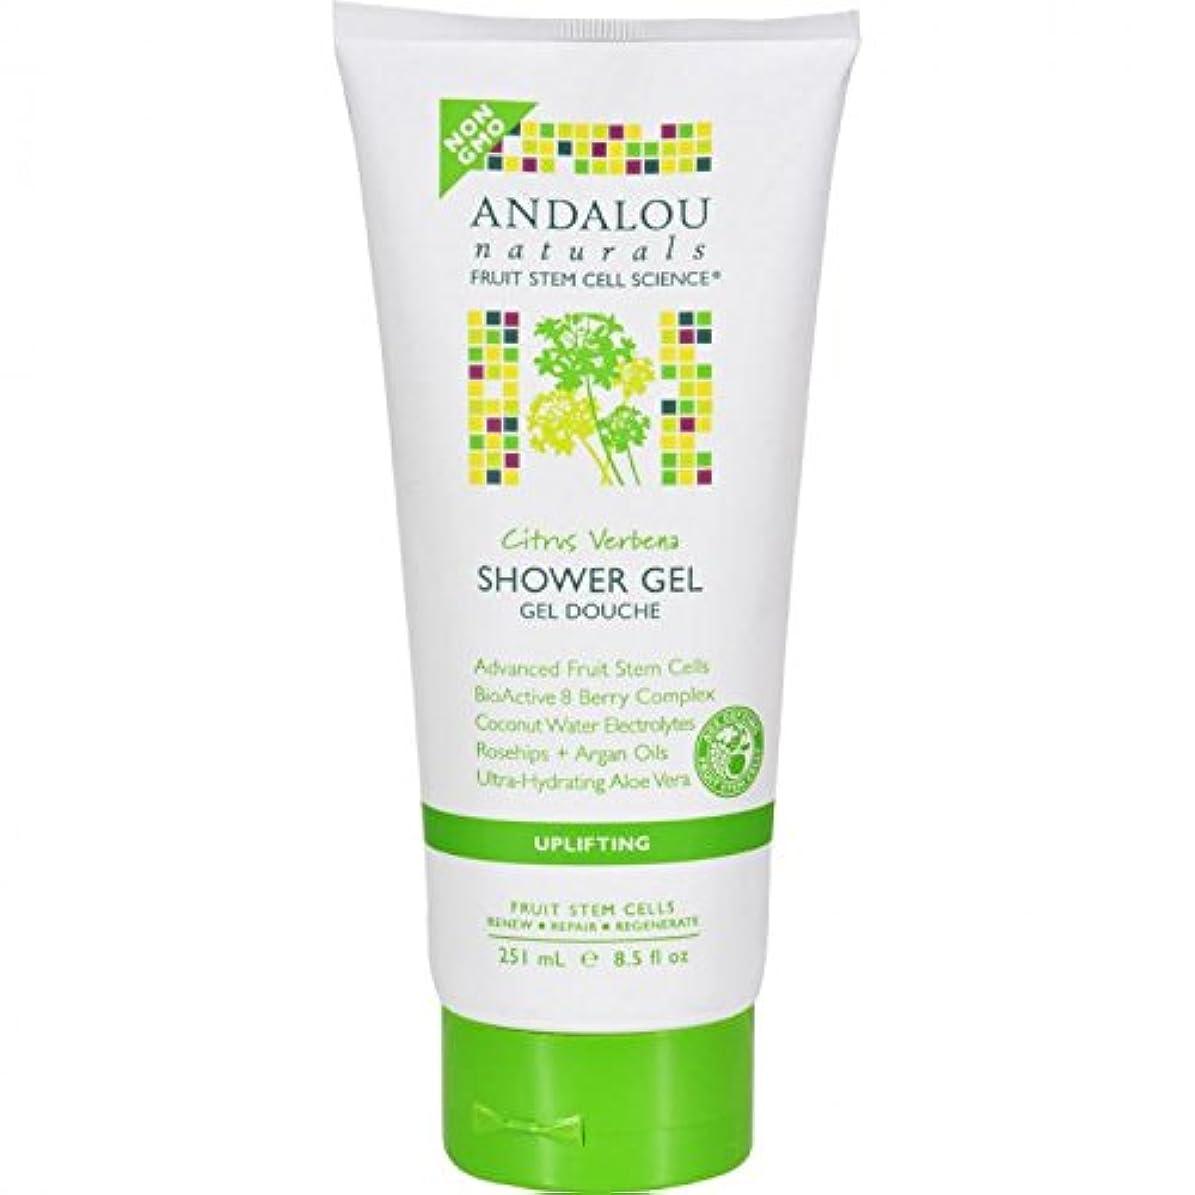 道徳教育くすぐったい非難Shower Gel - Citrus Verbena Uplifting - 8.5 fl oz by Andalou Naturals